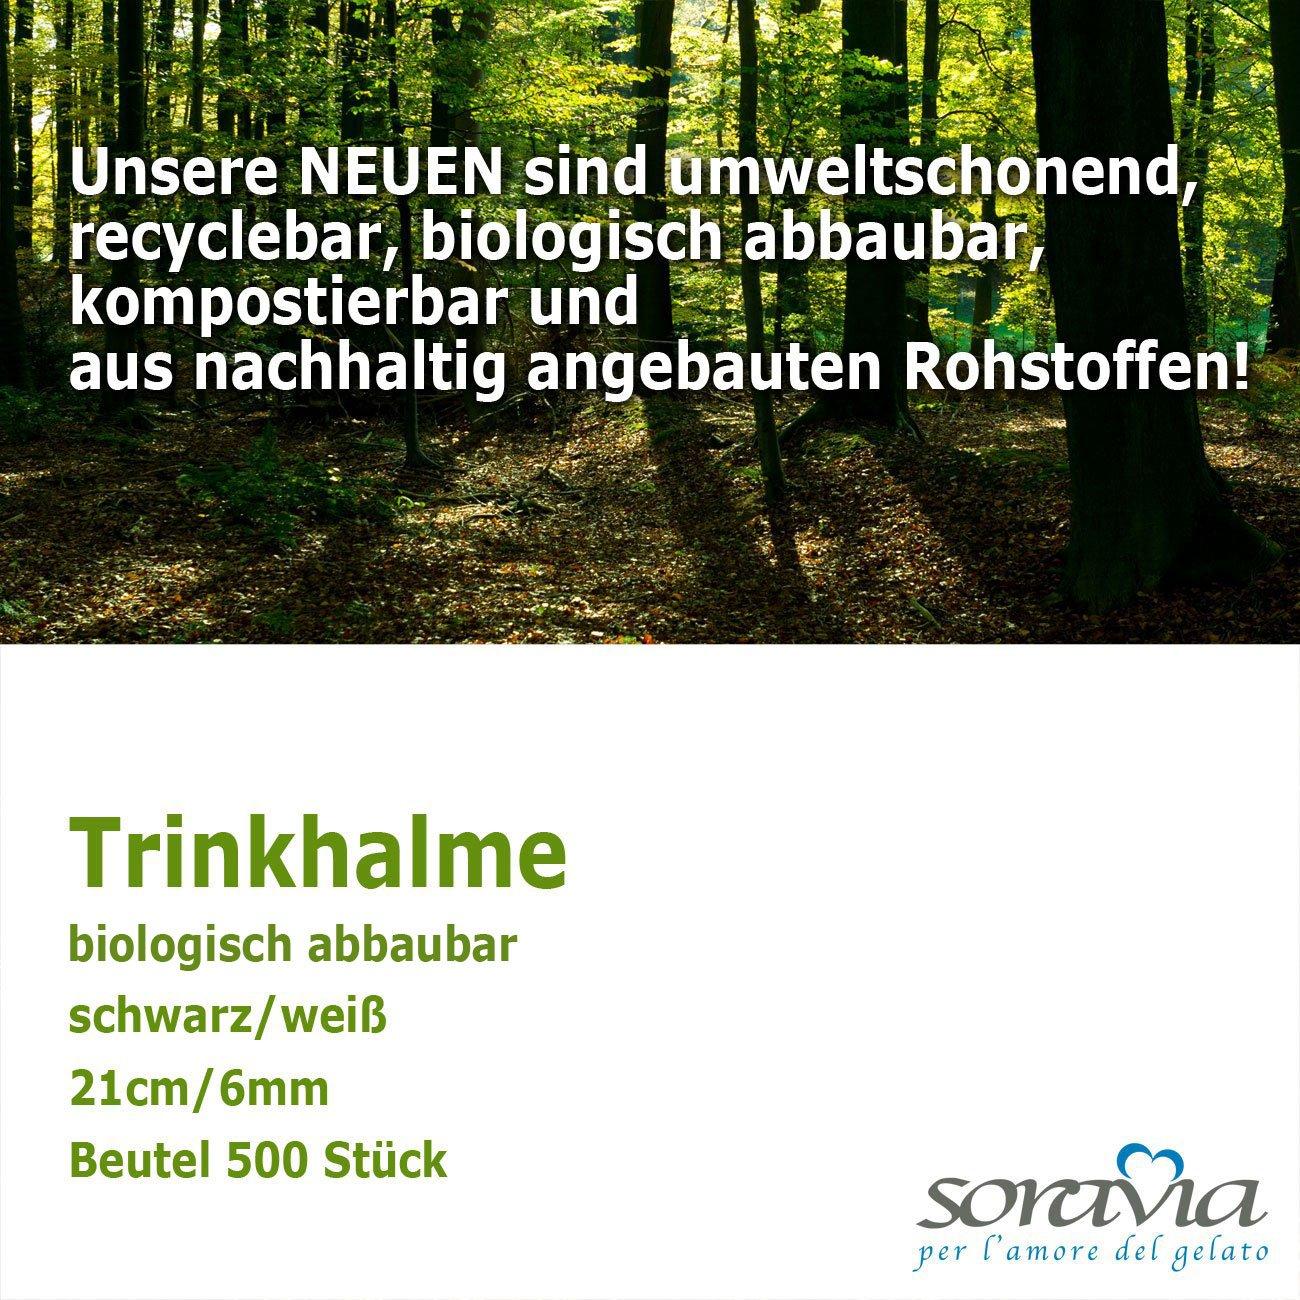 biodegradable Straws - 21 cm / 6cm - paket = 500 pieces